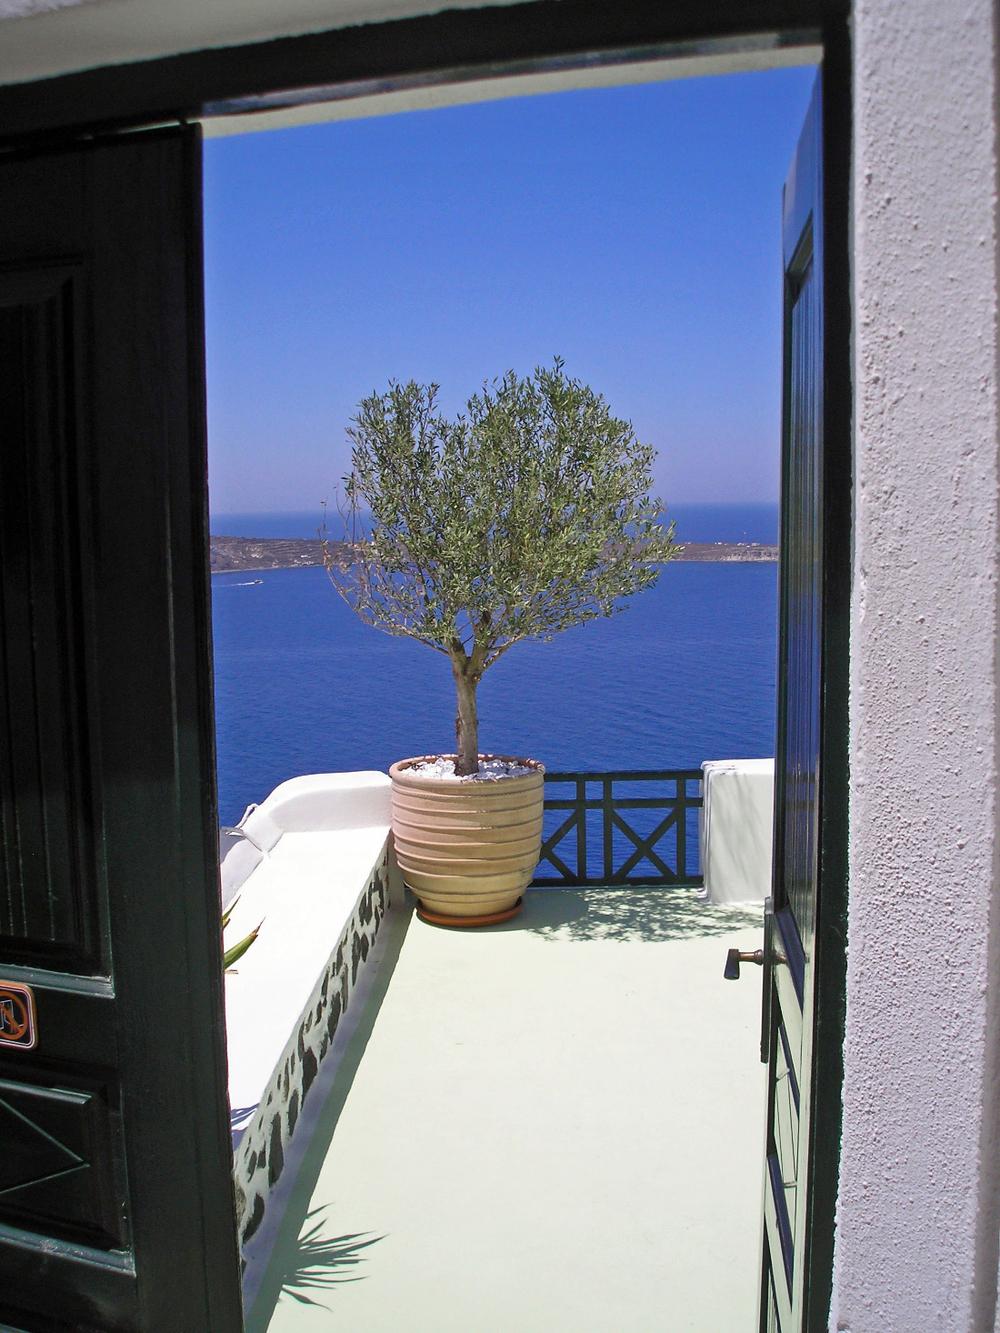 santorini a door opens.jpg